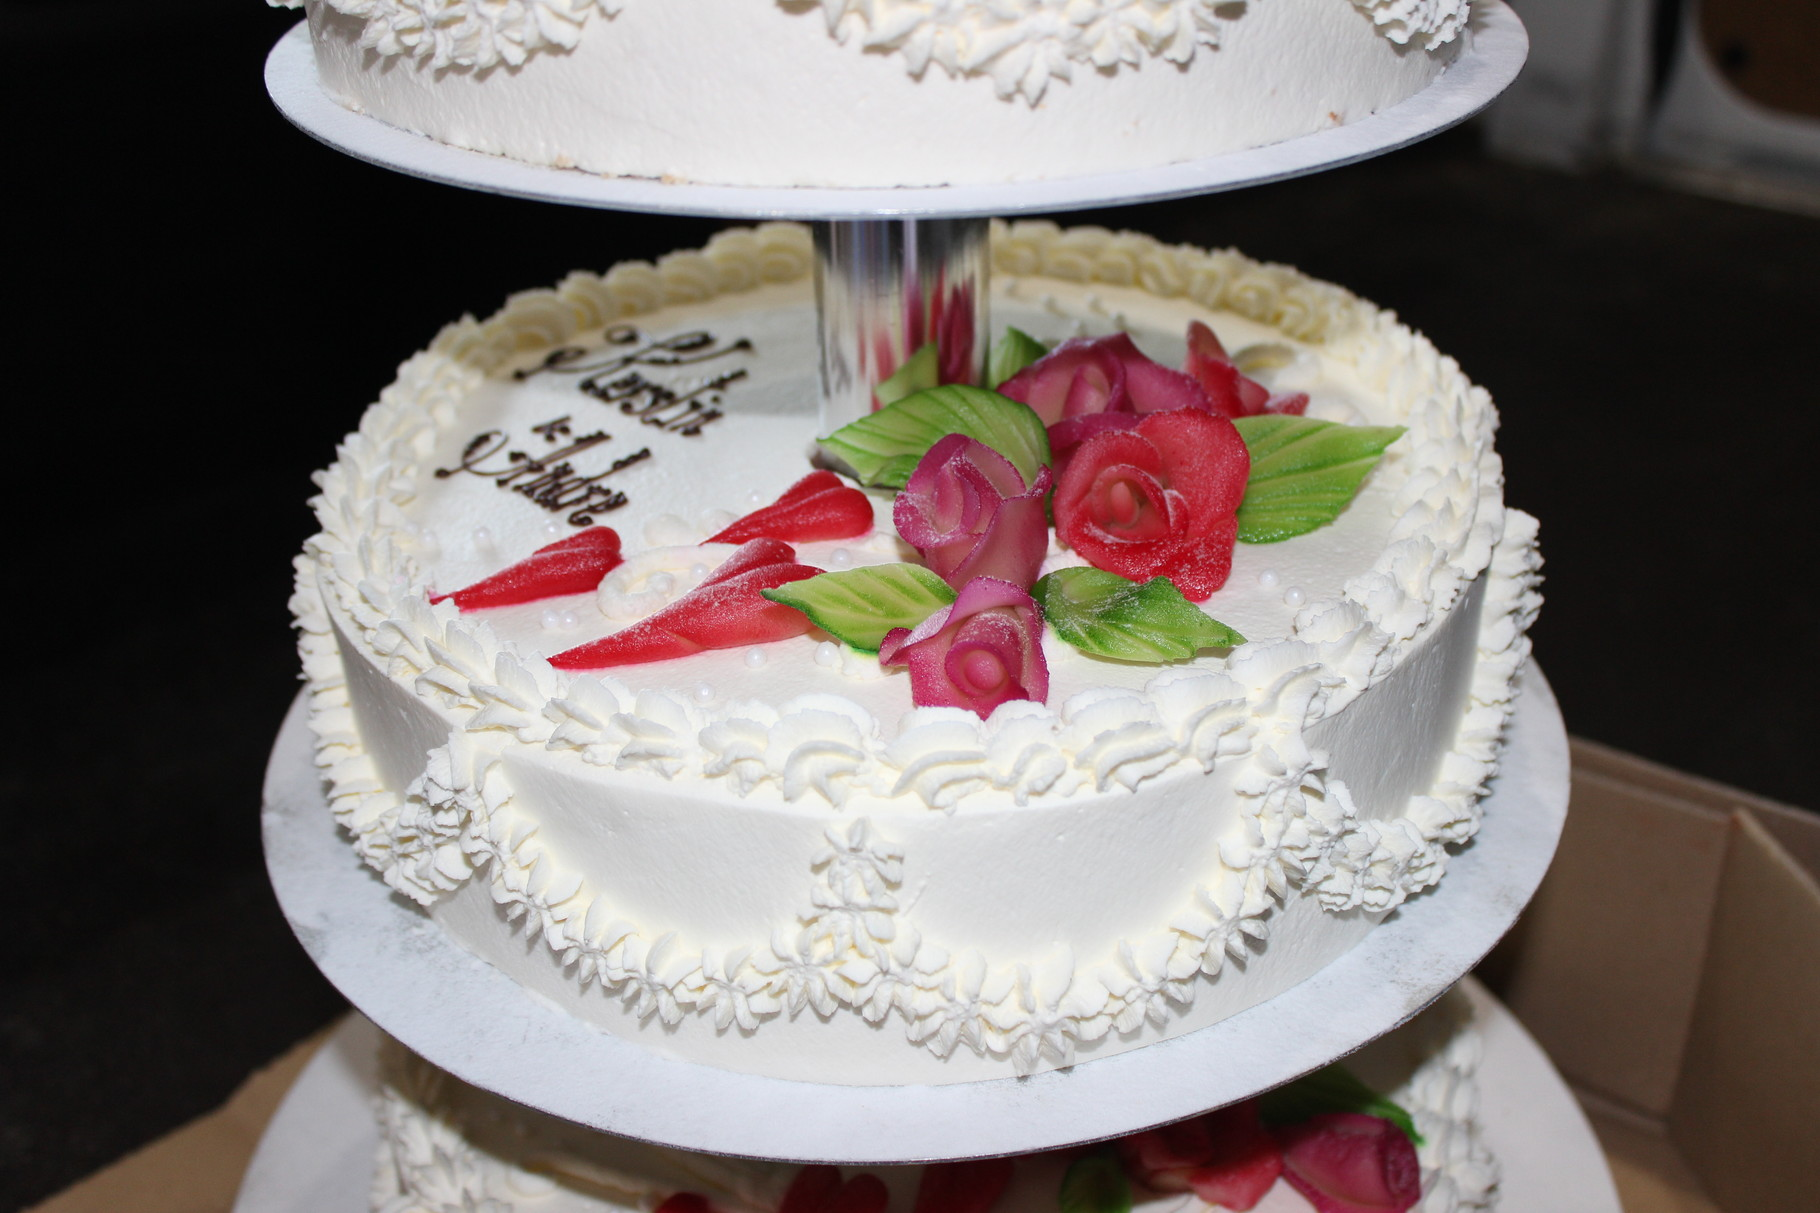 Klassische Hochzeitstorte mit Herzen aus Marzipan und Airbruschtechnik